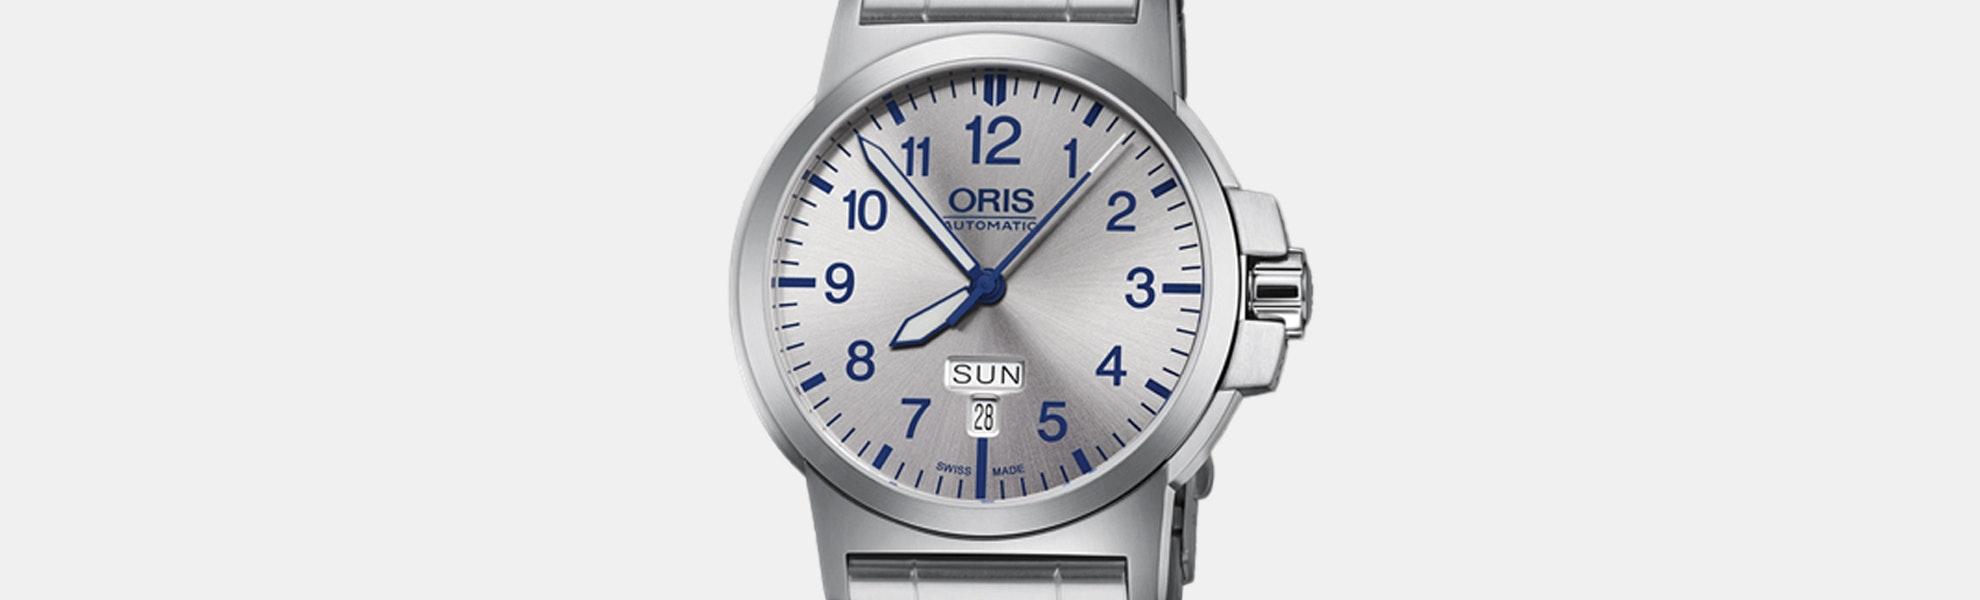 Oris BC3 Advanced DayDate Automatic Watch